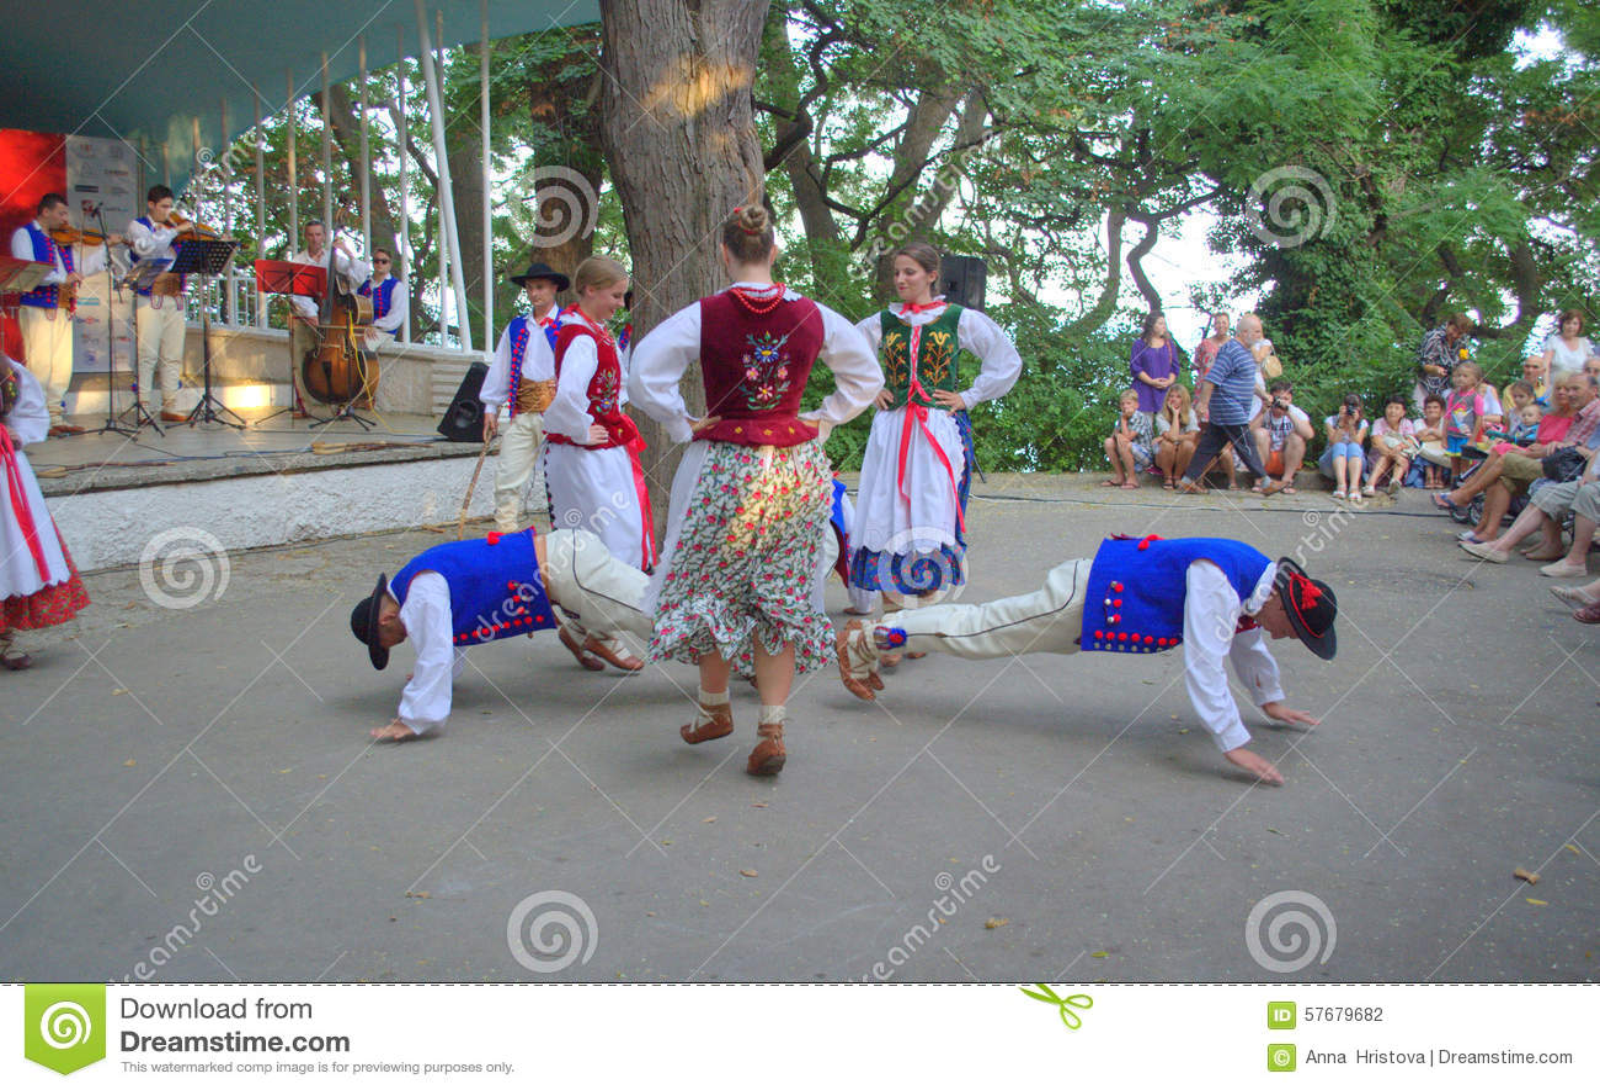 Φεστιβάλ της Βάρνας online dating Topix